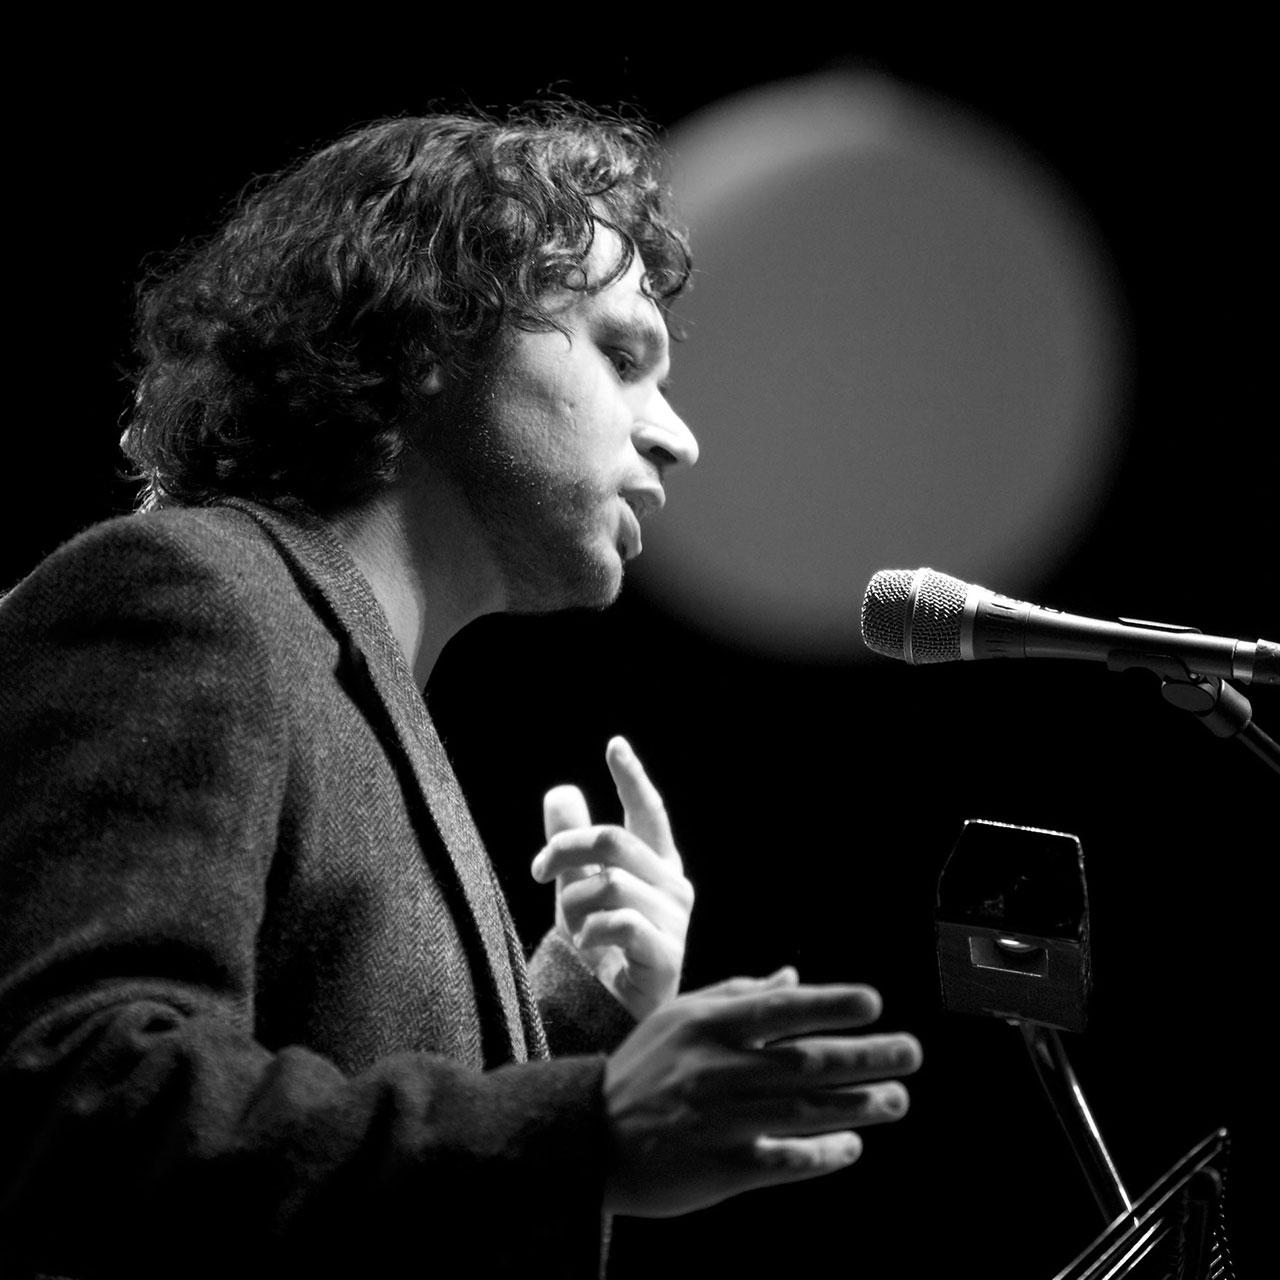 Tamim Al-Barghouthi